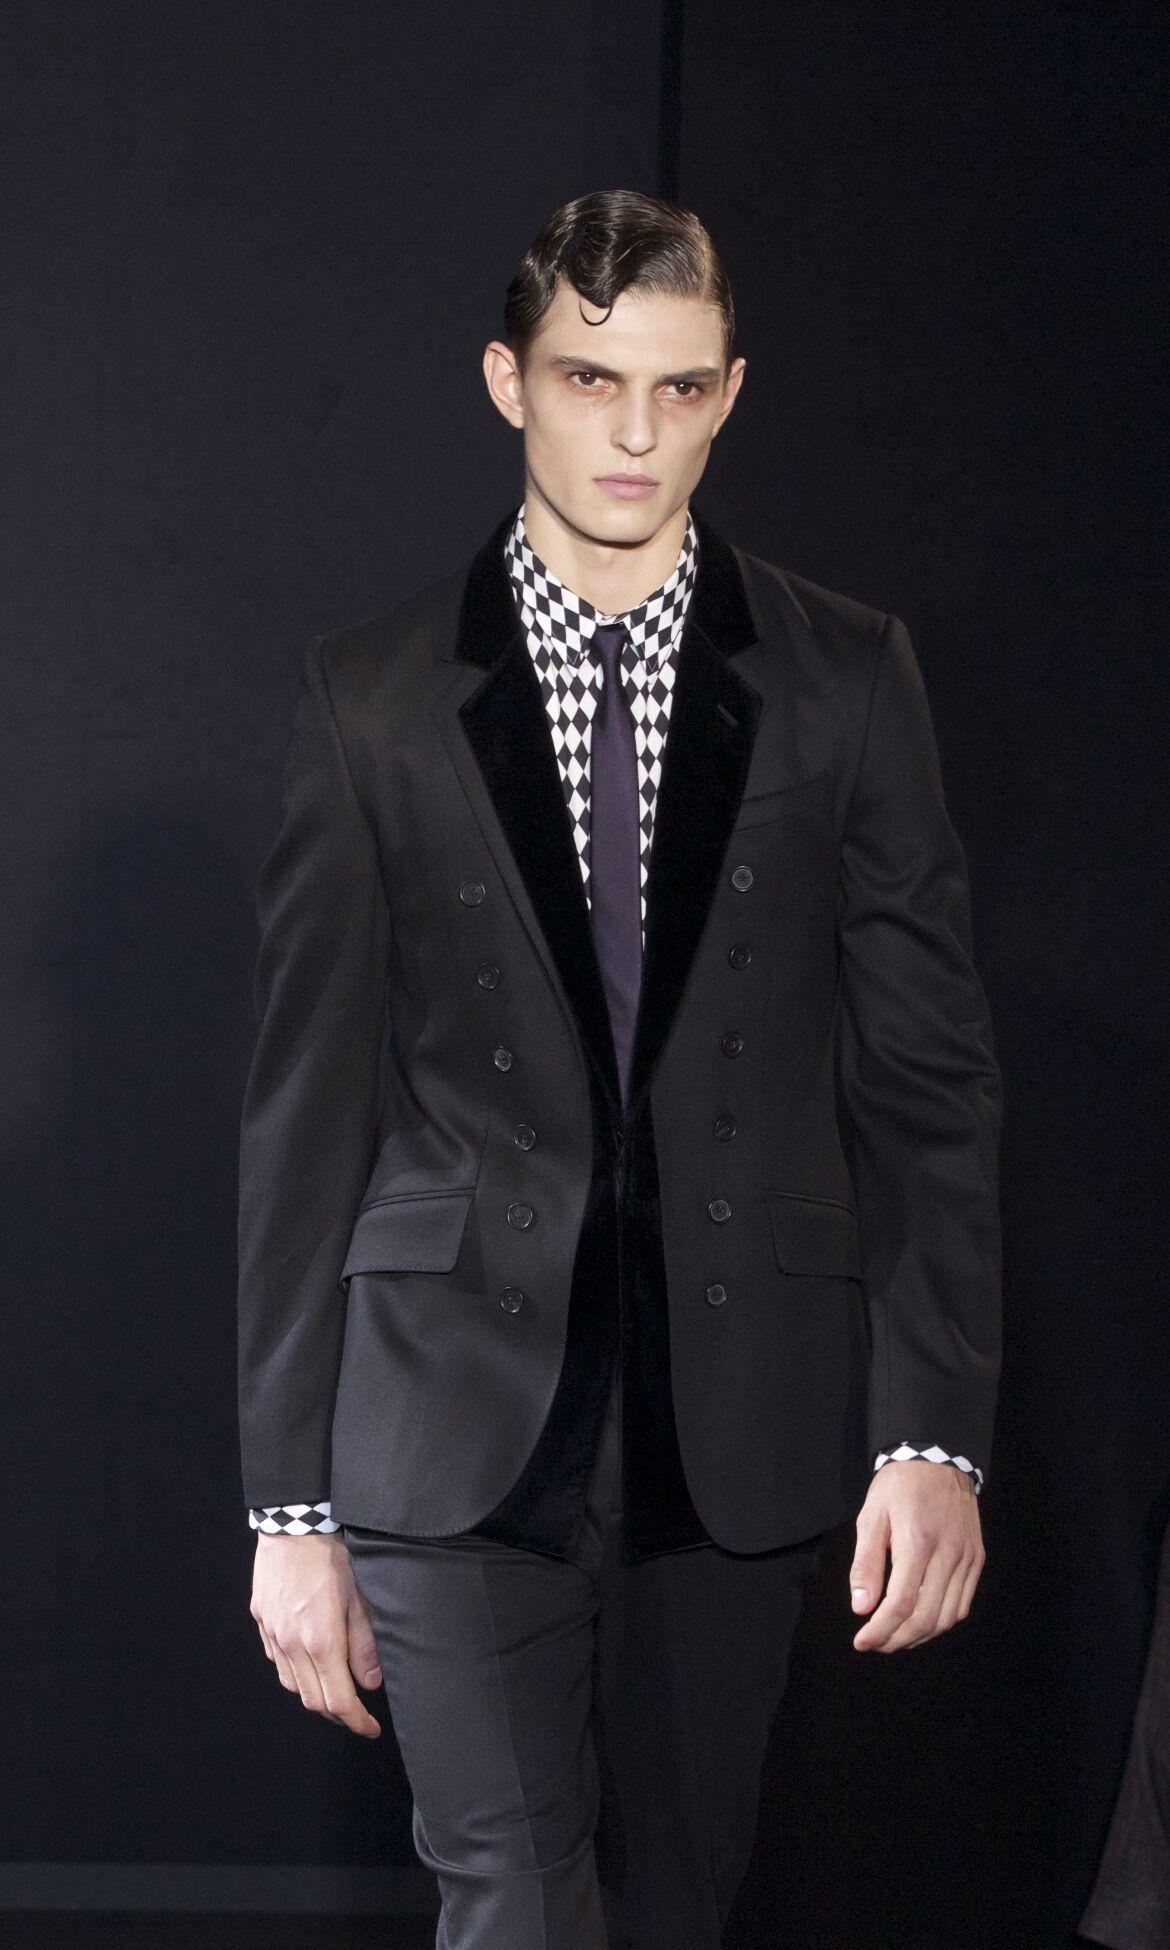 Les Hommes Man Milan Fashion Week